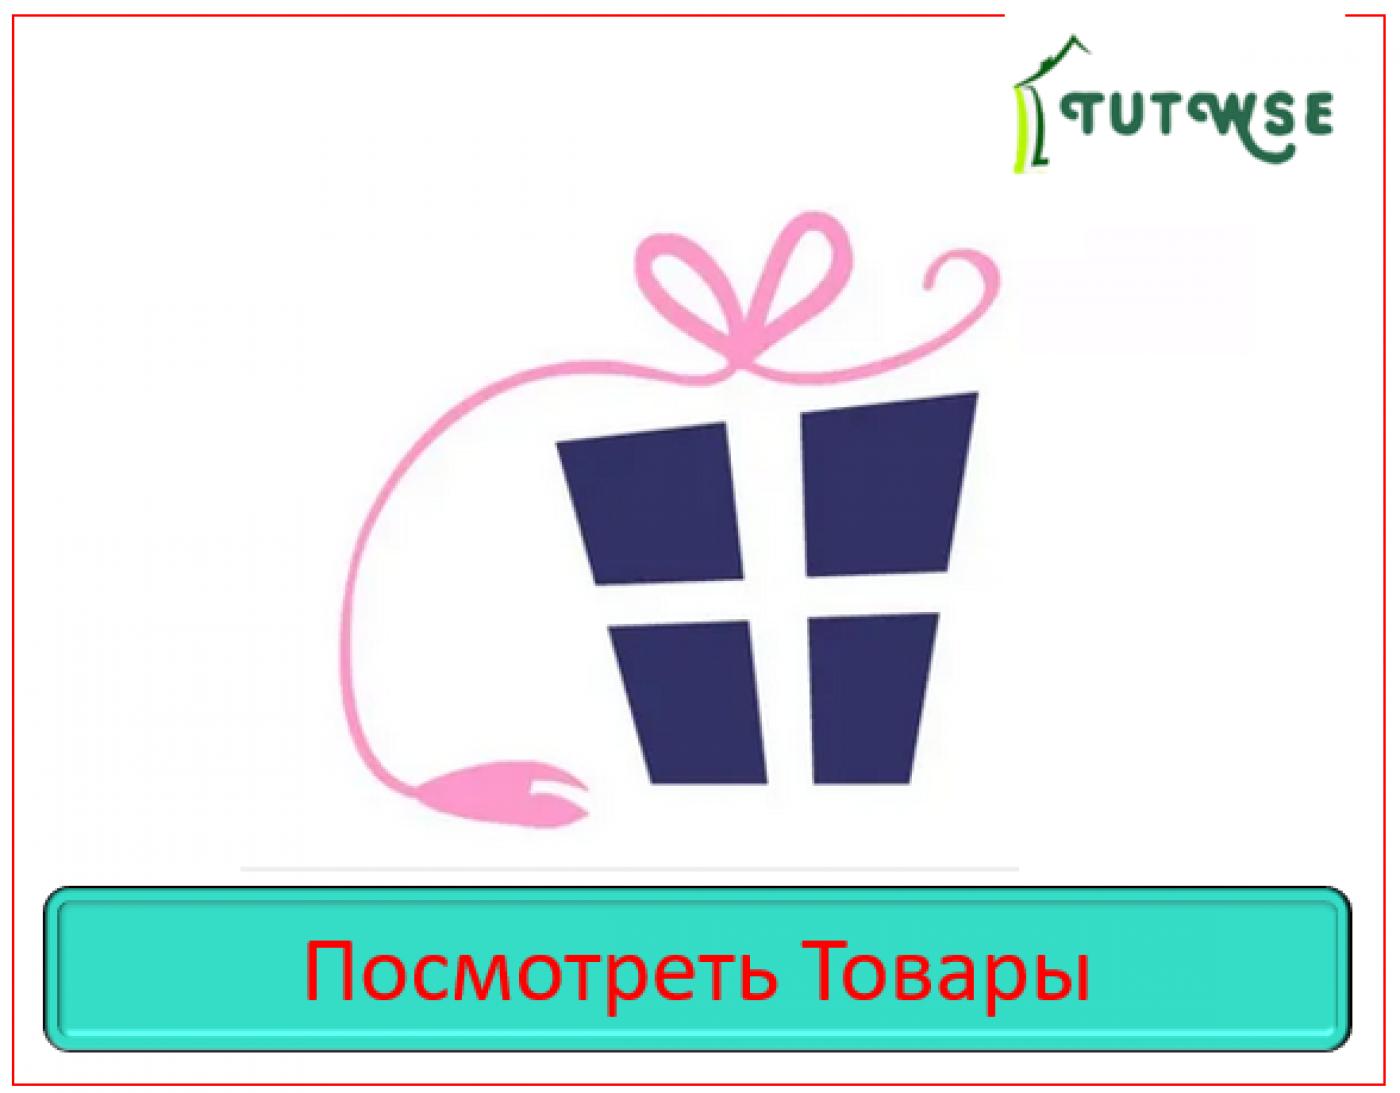 ПОДАРКИ заказать купить Троицк Москва